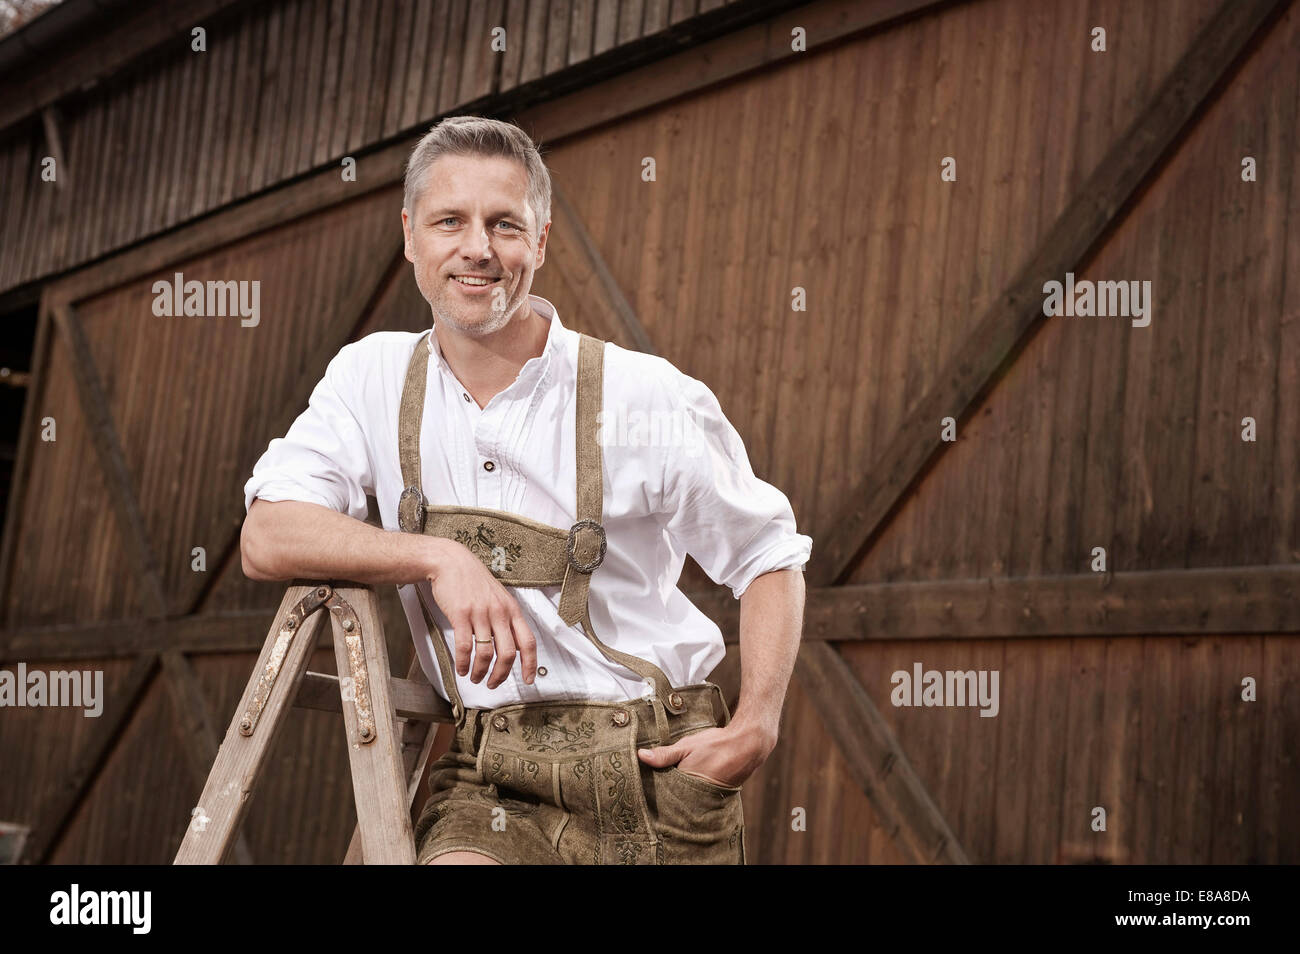 Man in lederhosen on farm, Barvaria, Germany - Stock Image